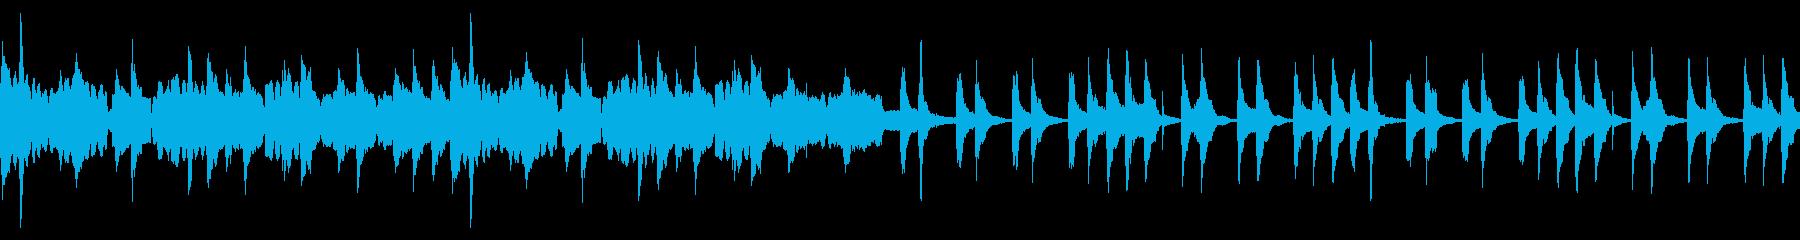 どこか懐かしい感じのBGMの再生済みの波形